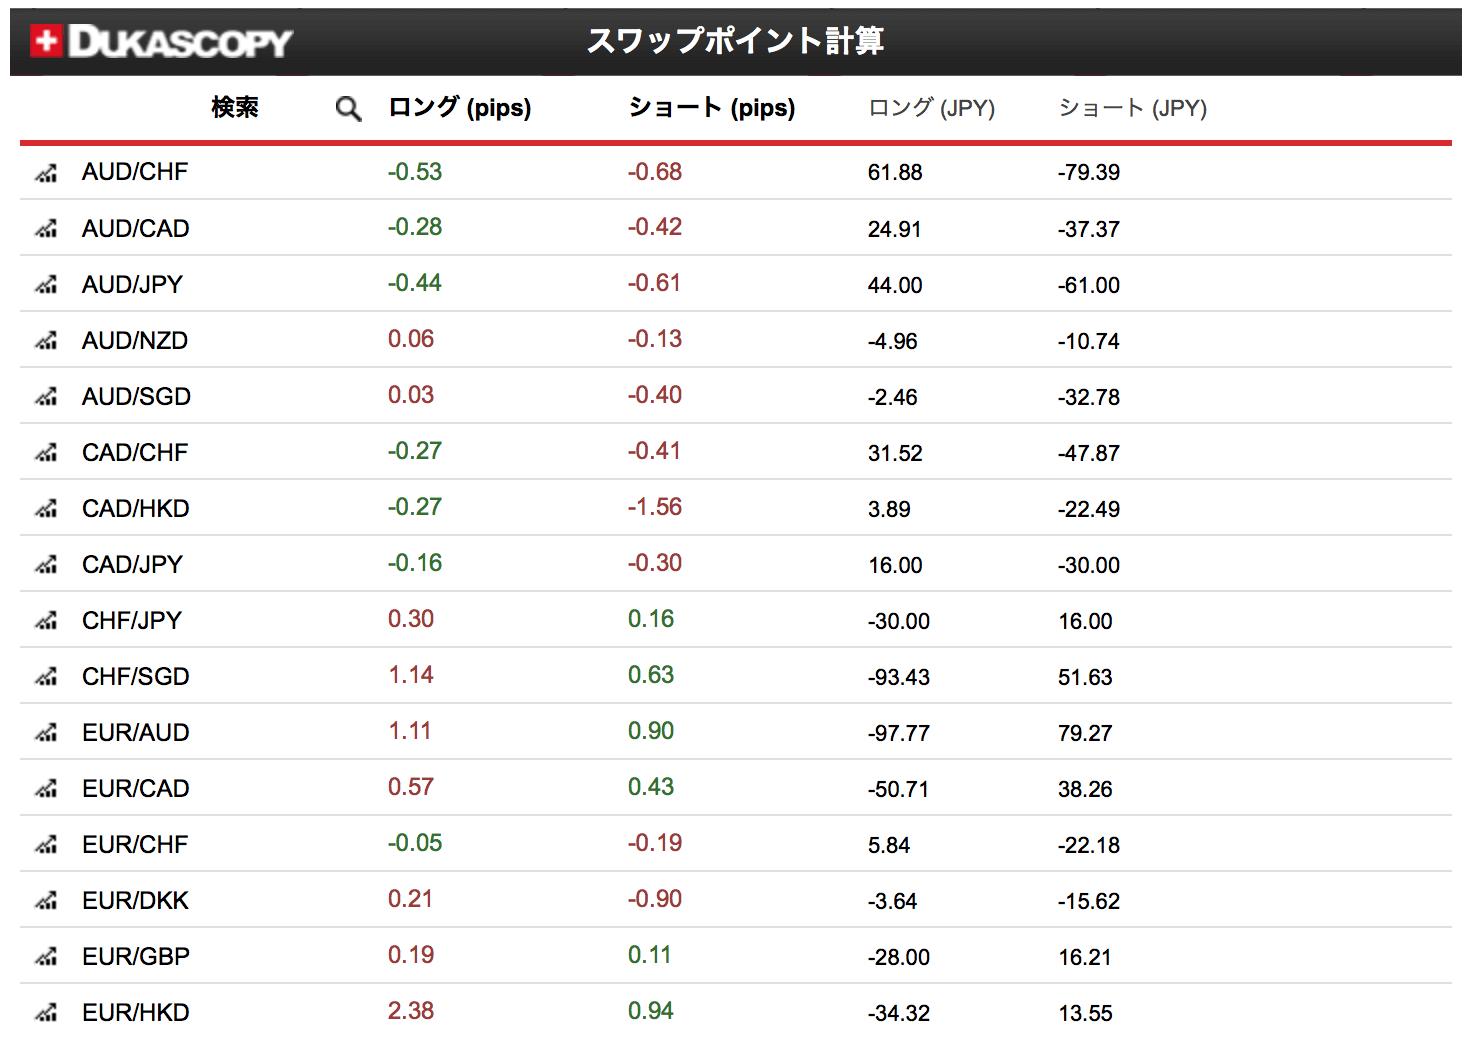 デューカスコピー・ジャパンのスワップポイント計算